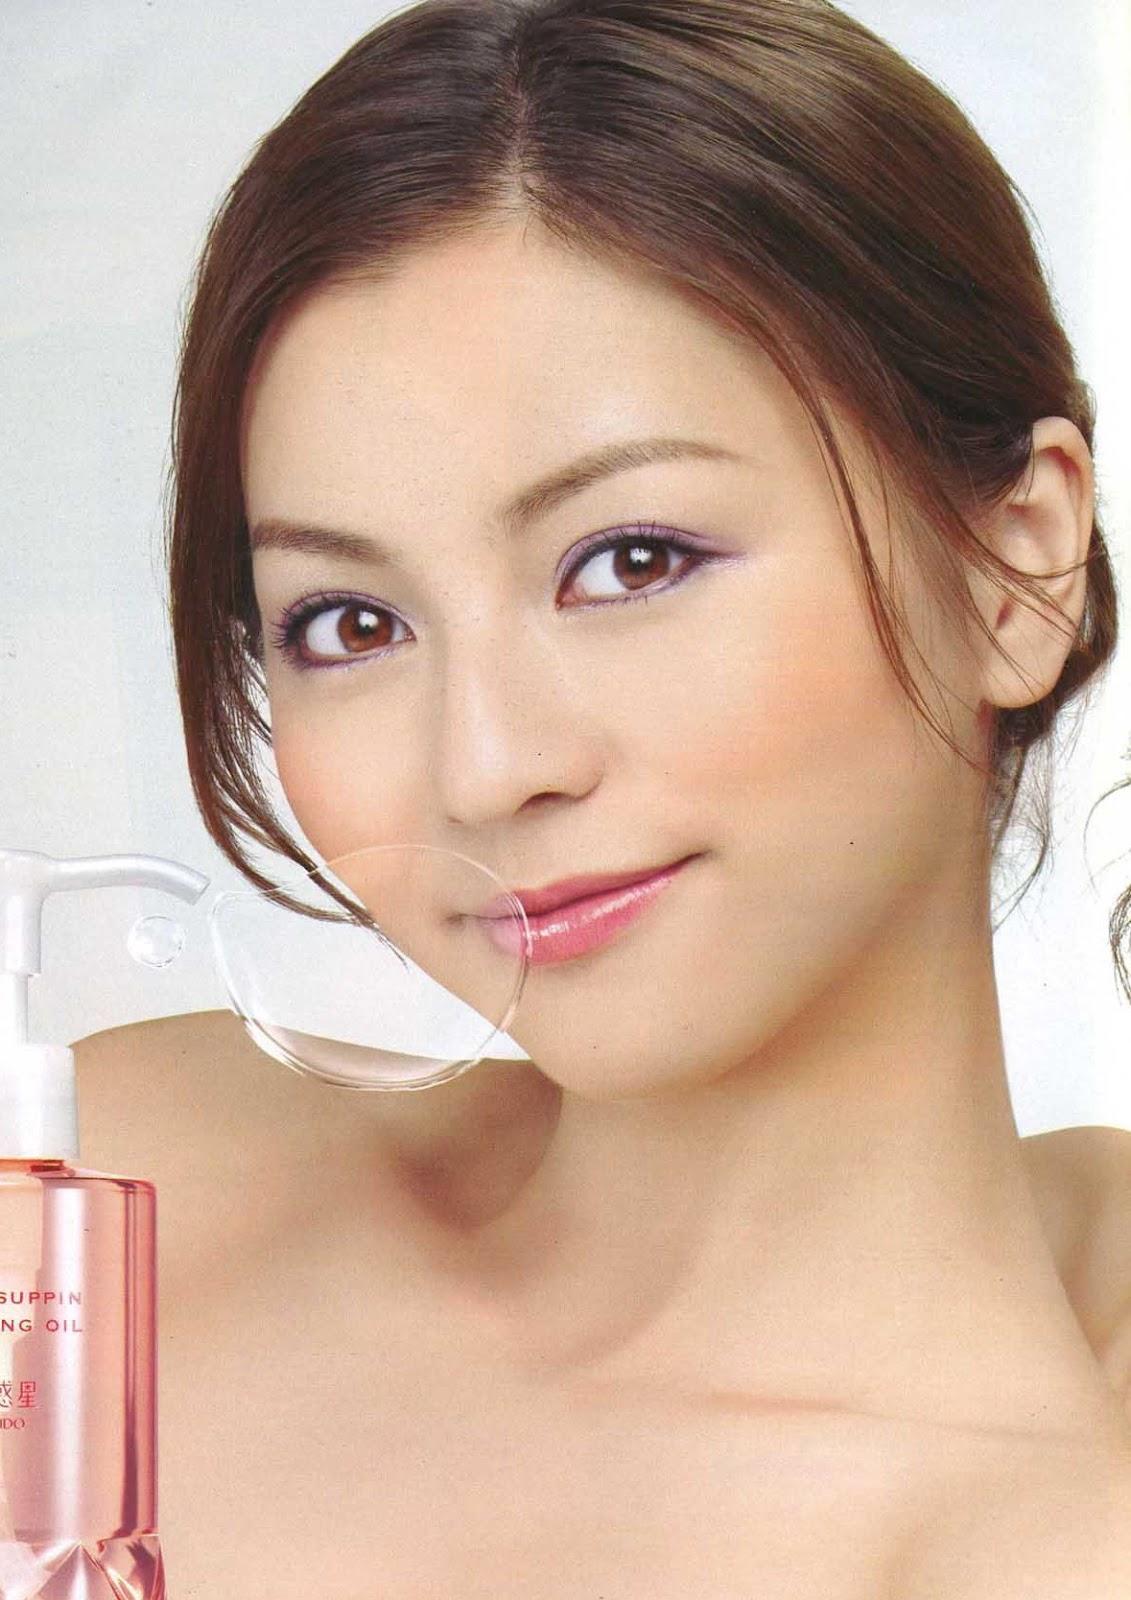 Karina Model http://nosekarina.blogspot.com/2012/05/nose-karina.html